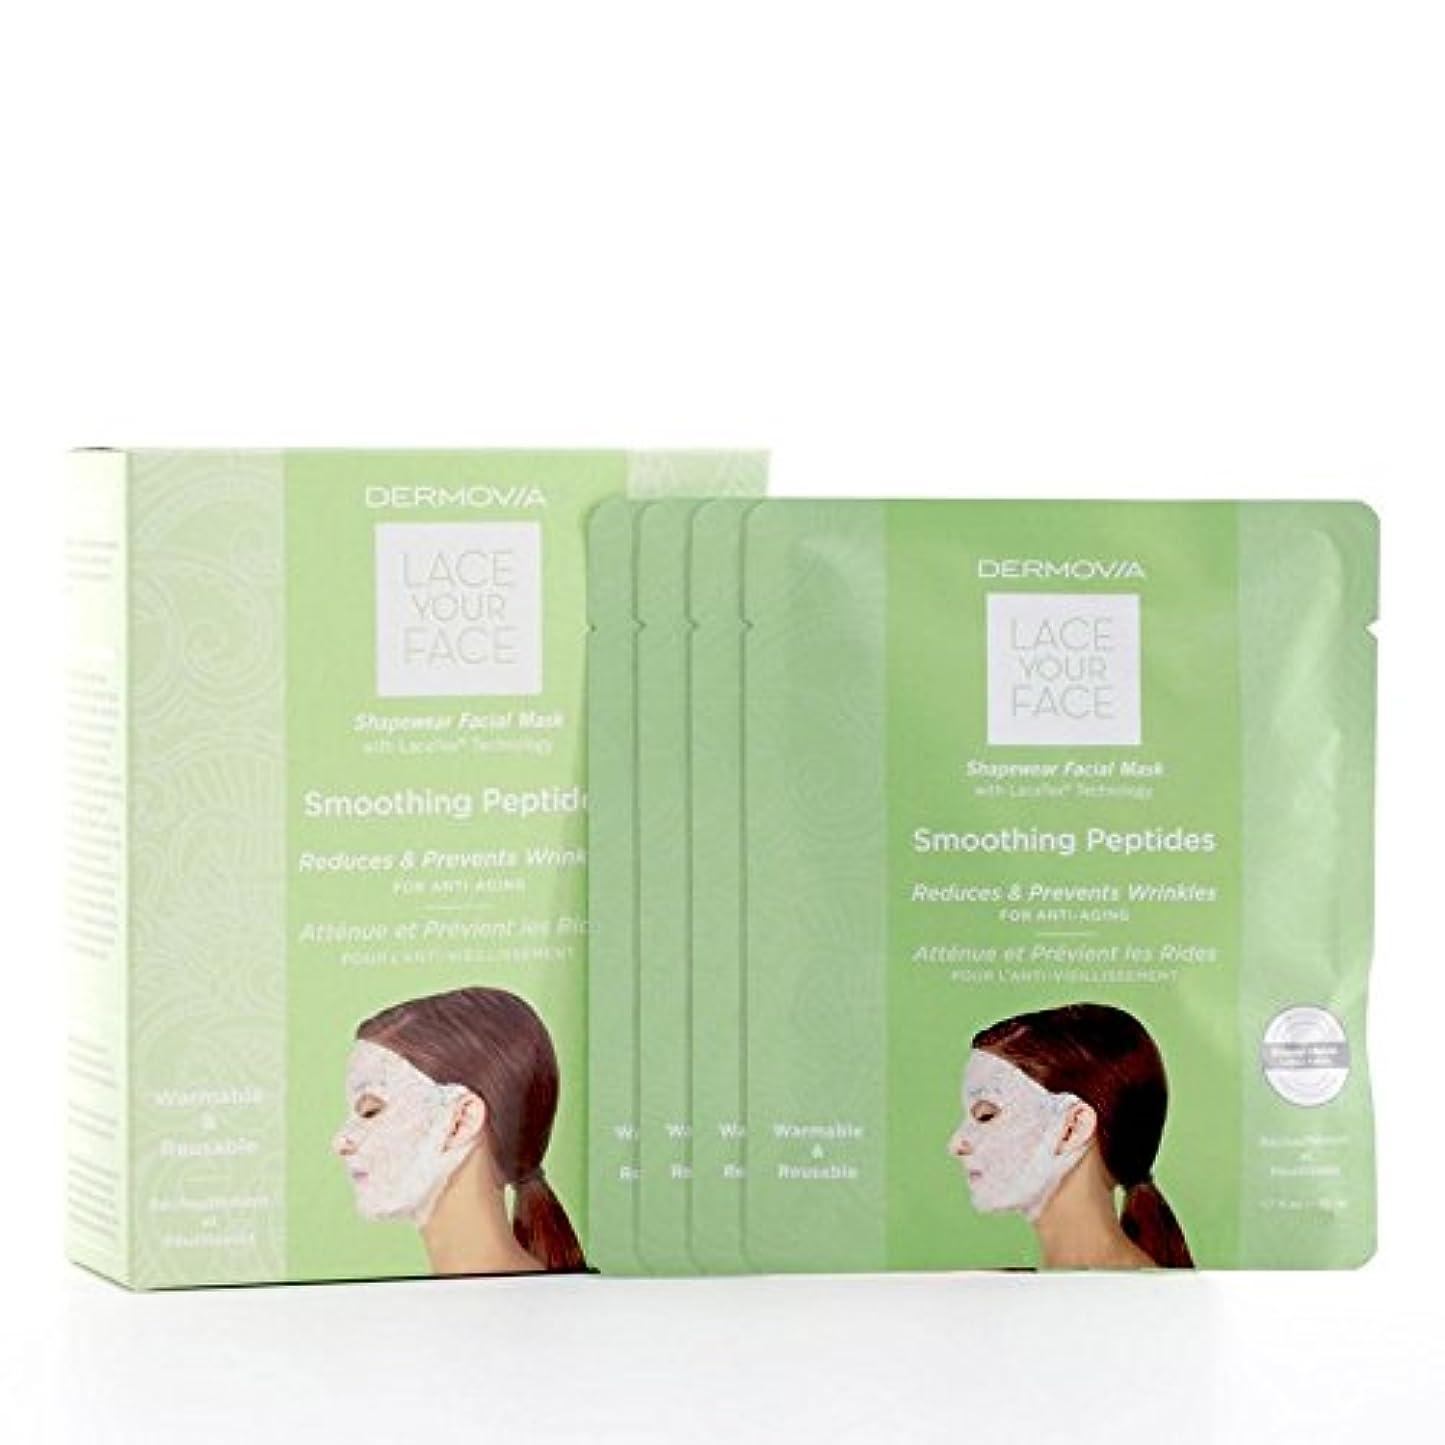 キャロライン厳密に立証するは、あなたの顔の圧縮フェイシャルマスク平滑化ペプチドをひもで締めます x2 - Dermovia Lace Your Face Compression Facial Mask Smoothing Peptides (Pack...